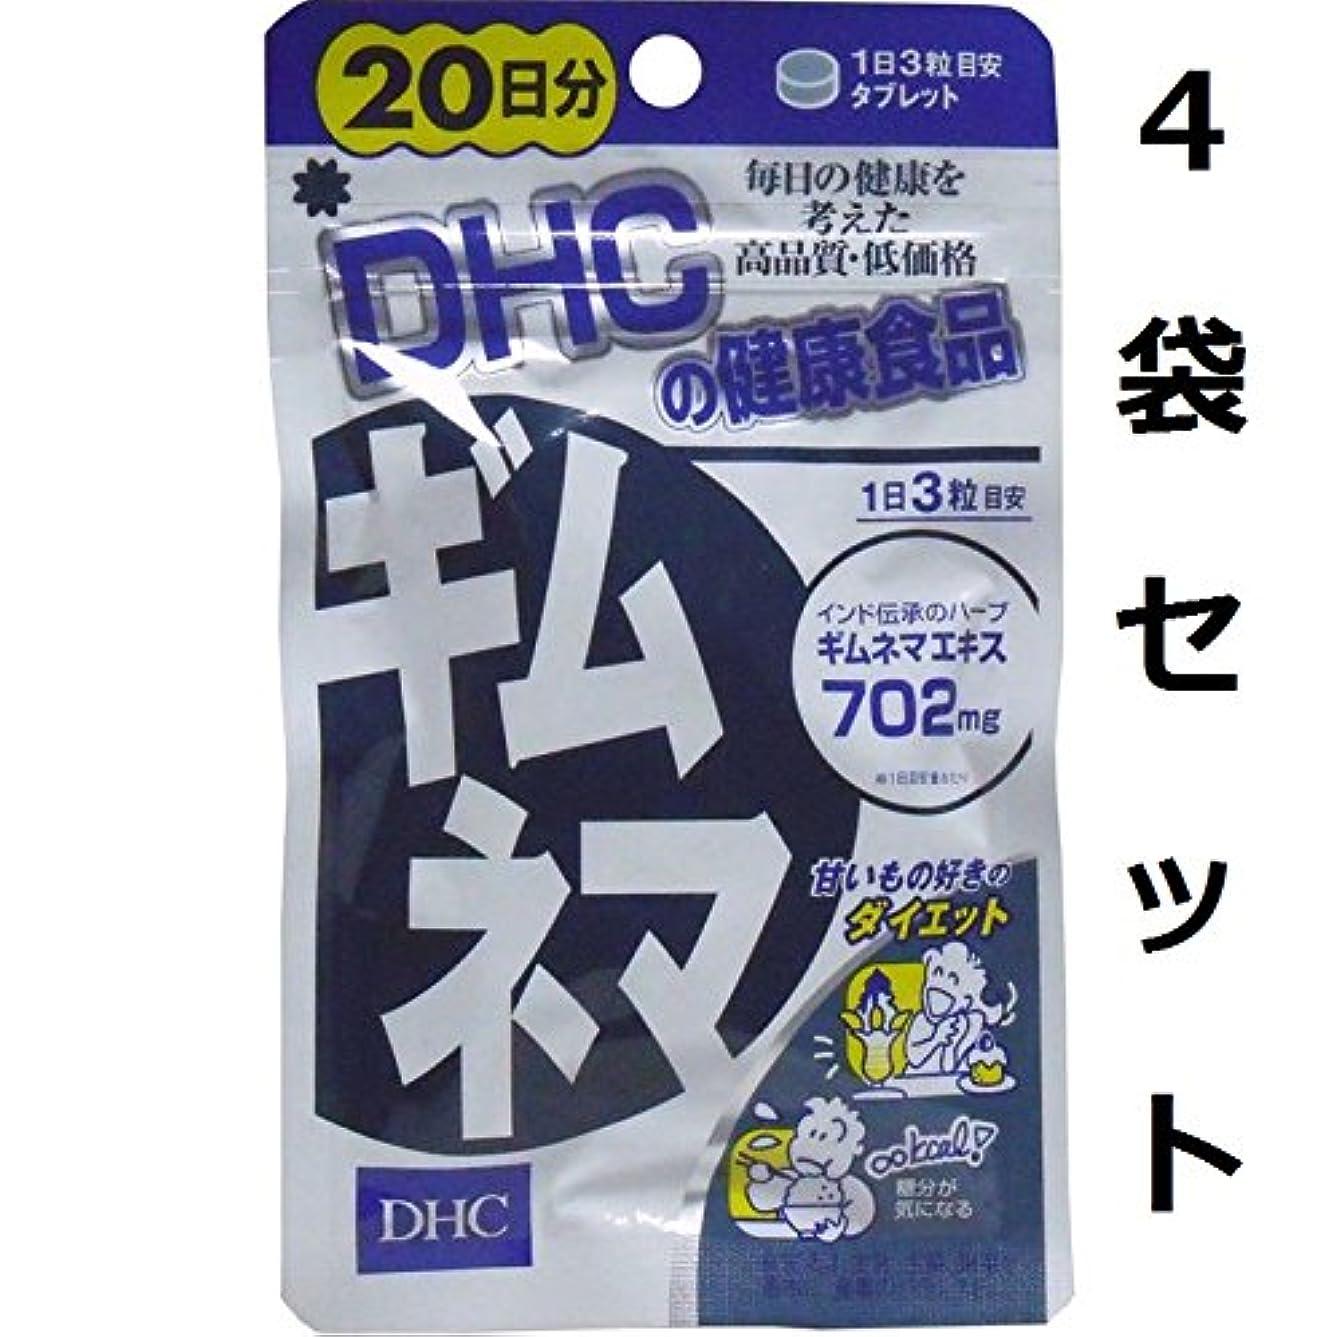 立場征服するとげのある大好きな「甘いもの」をムダ肉にしない DHC ギムネマ 20日分 60粒 4袋セット